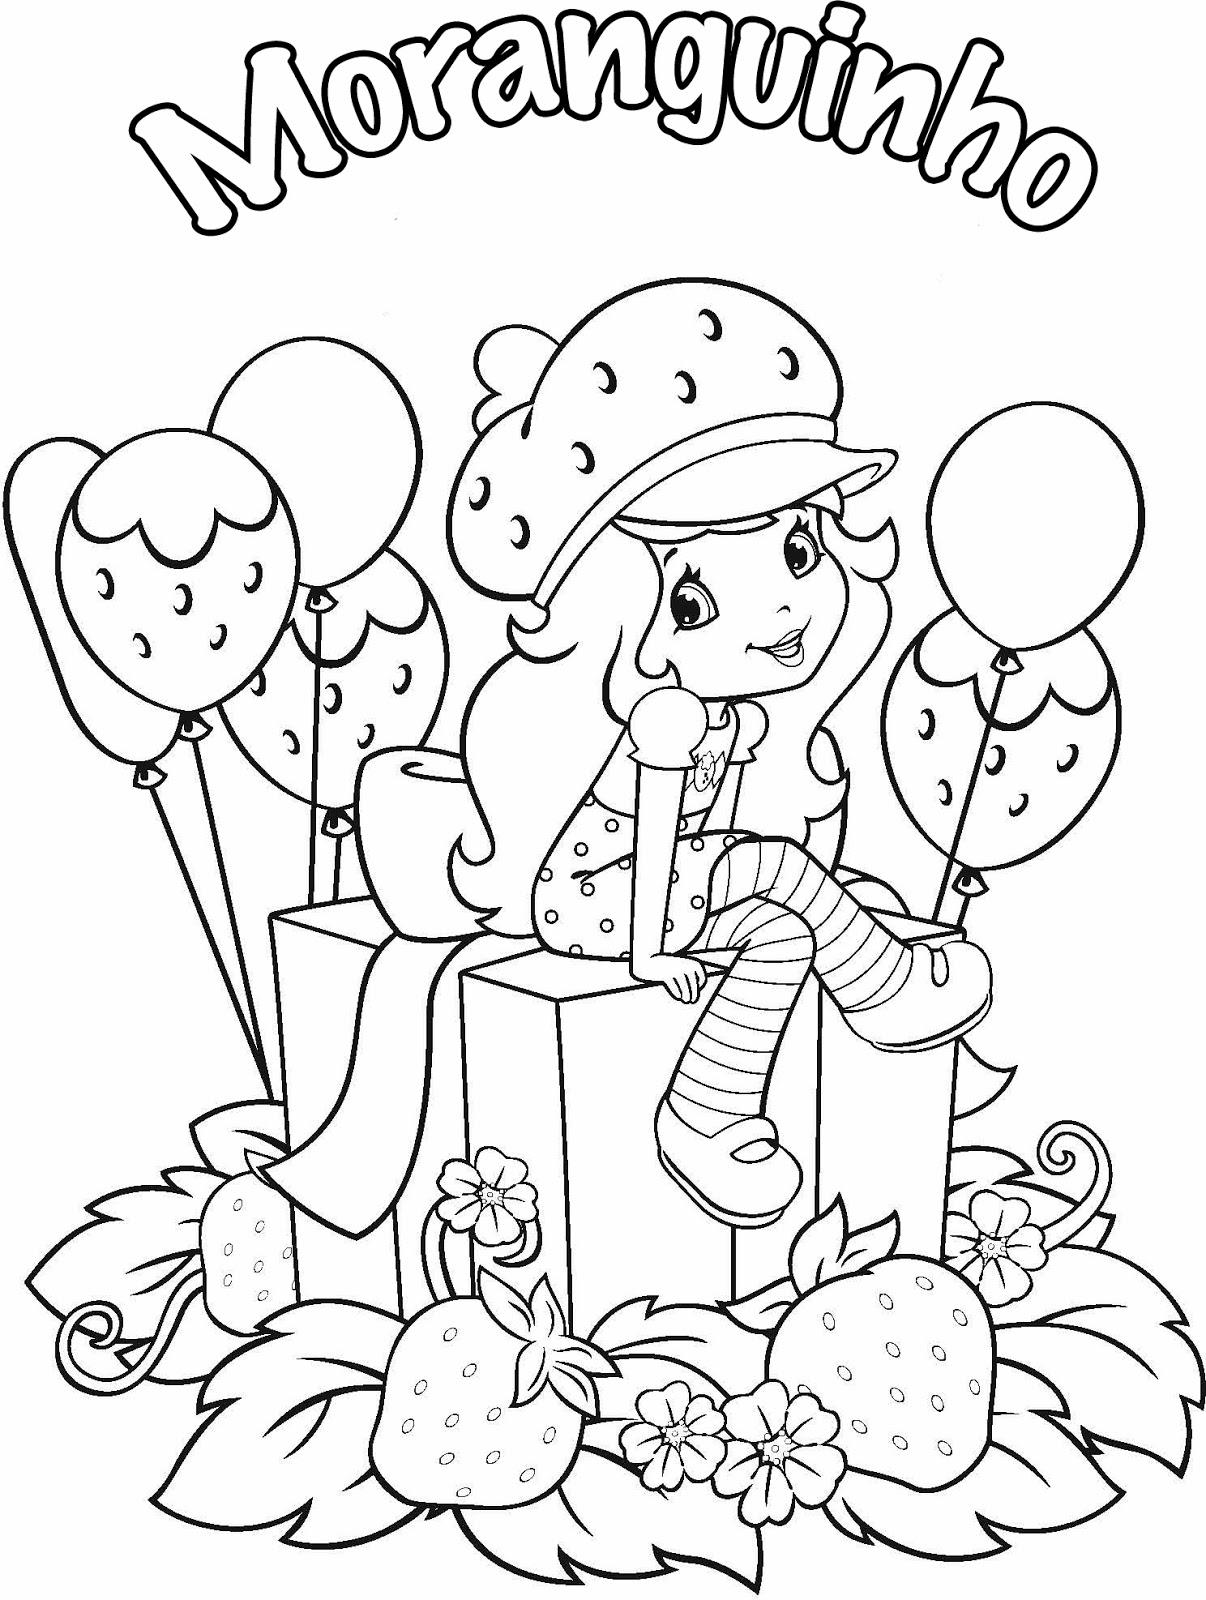 Desenho Da Moranguinho Para Colorir Escolinha Da Lucia